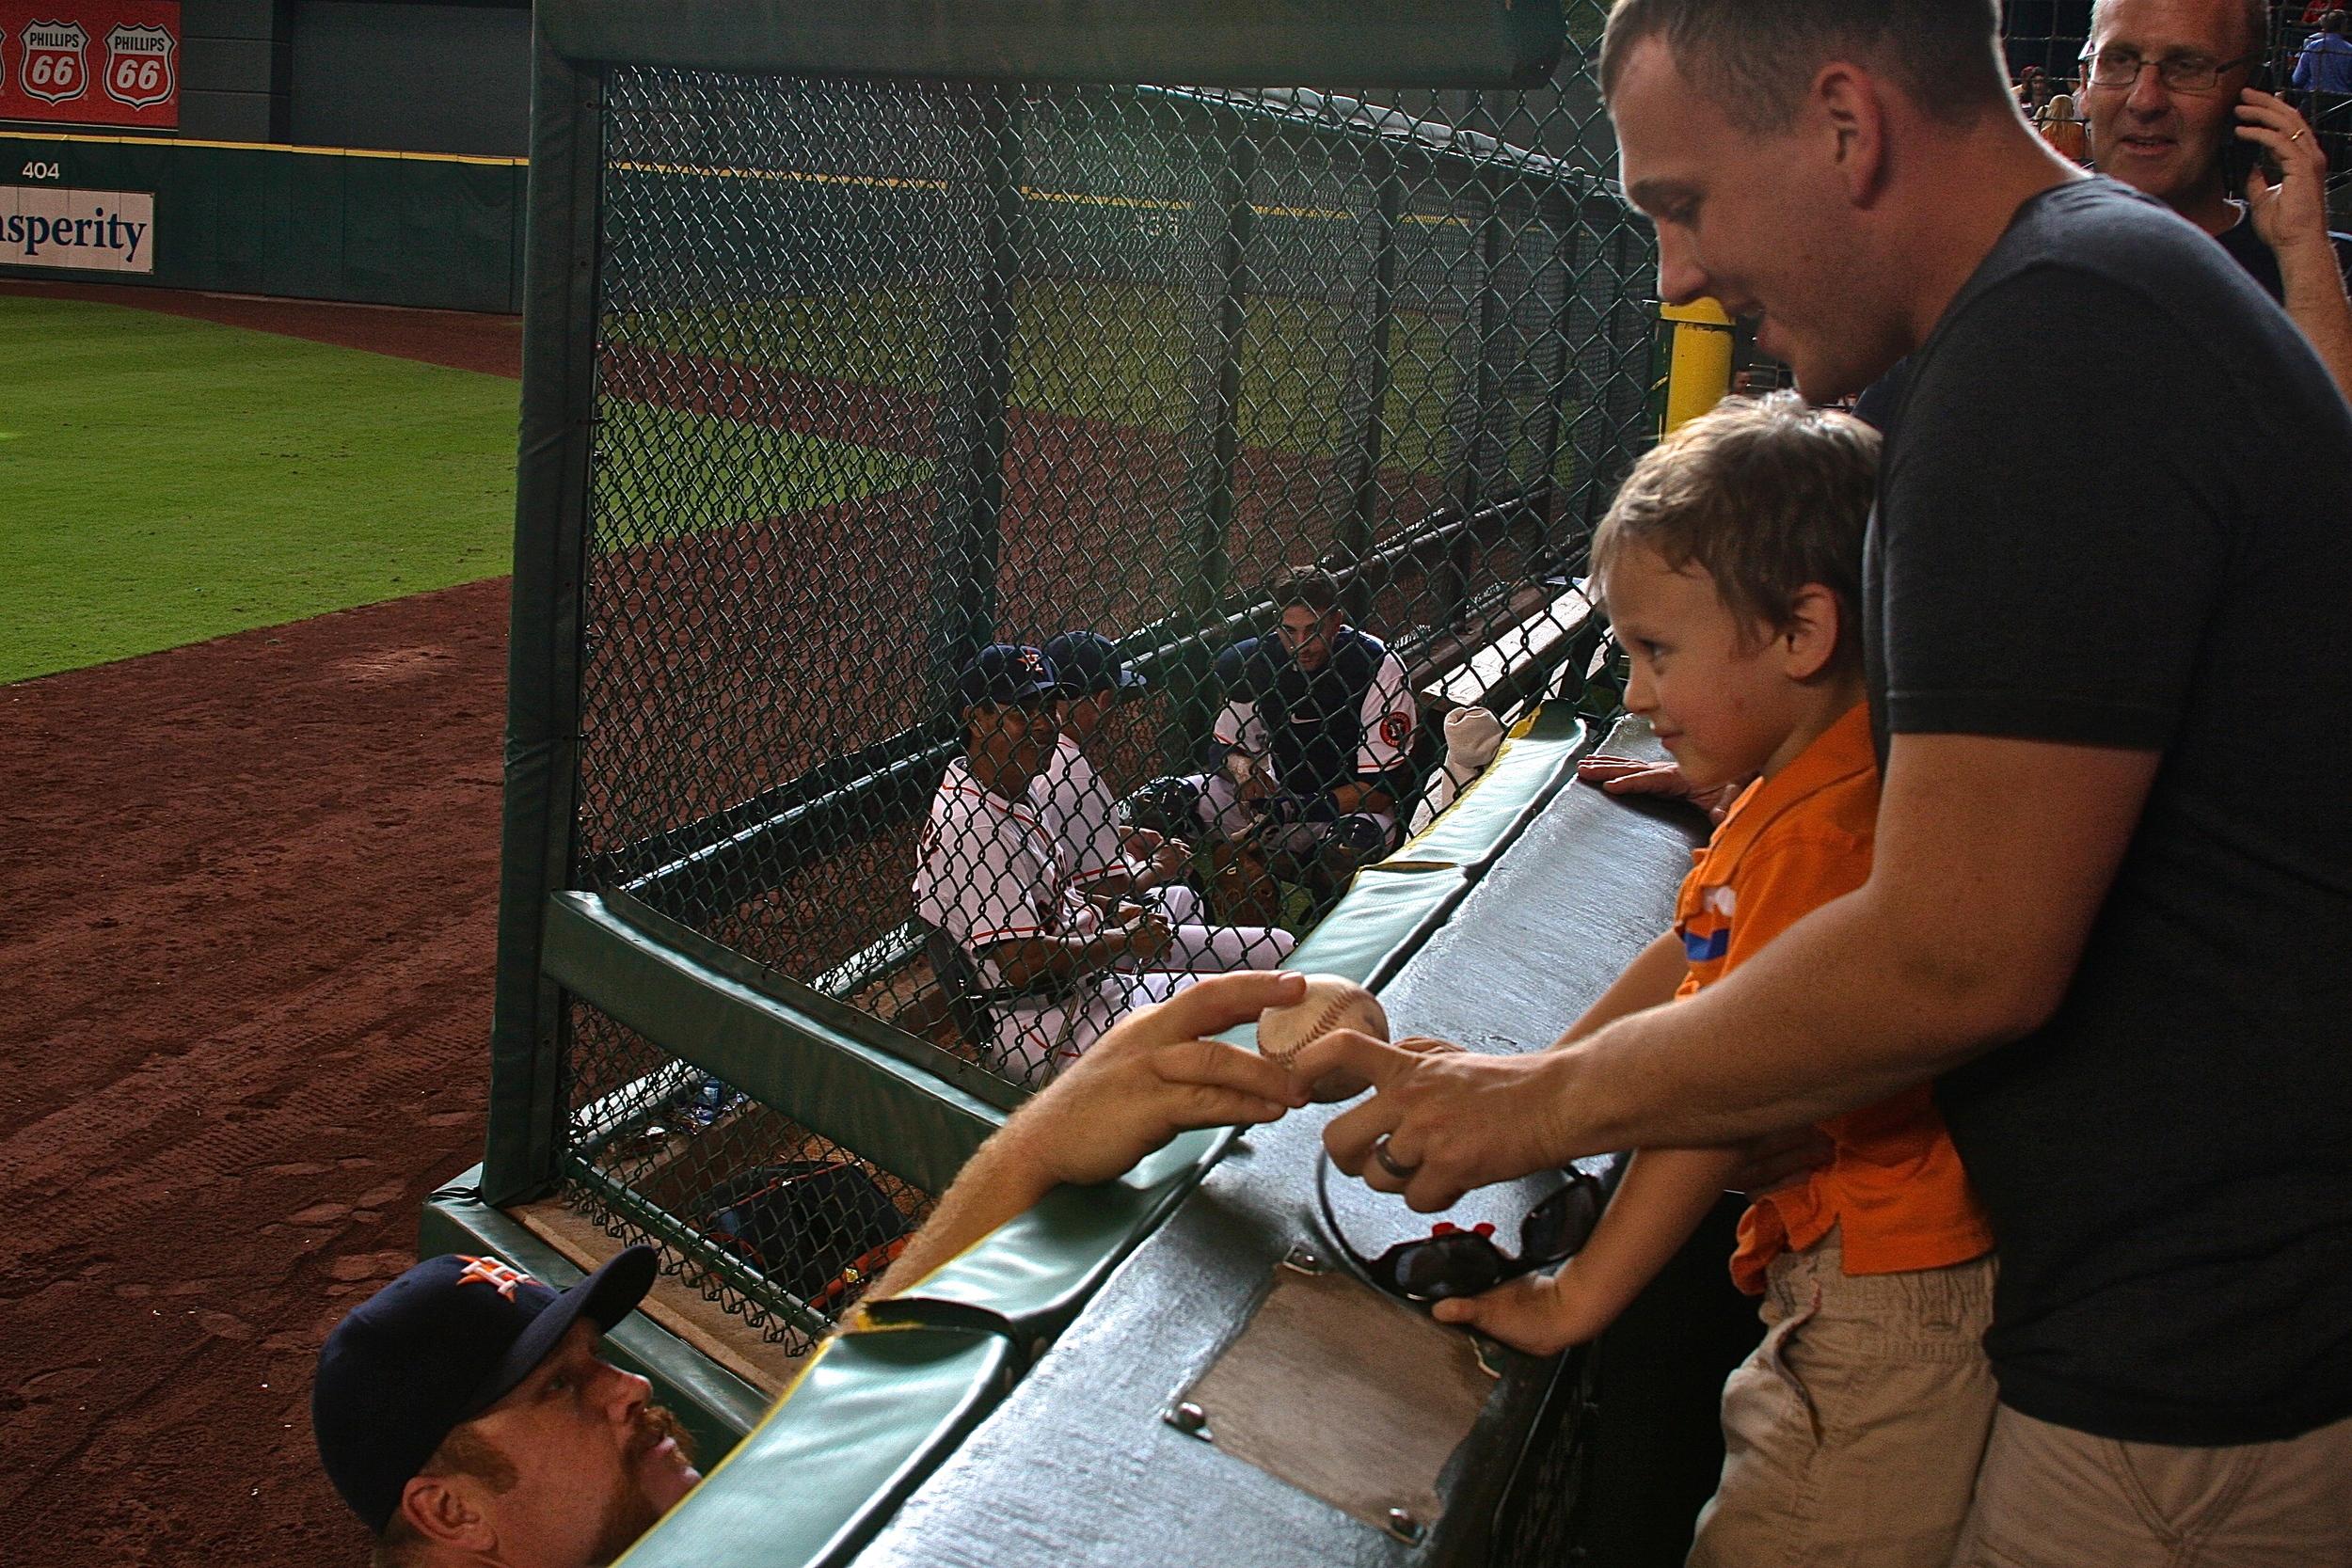 Jeff Murphy handing ball to kid